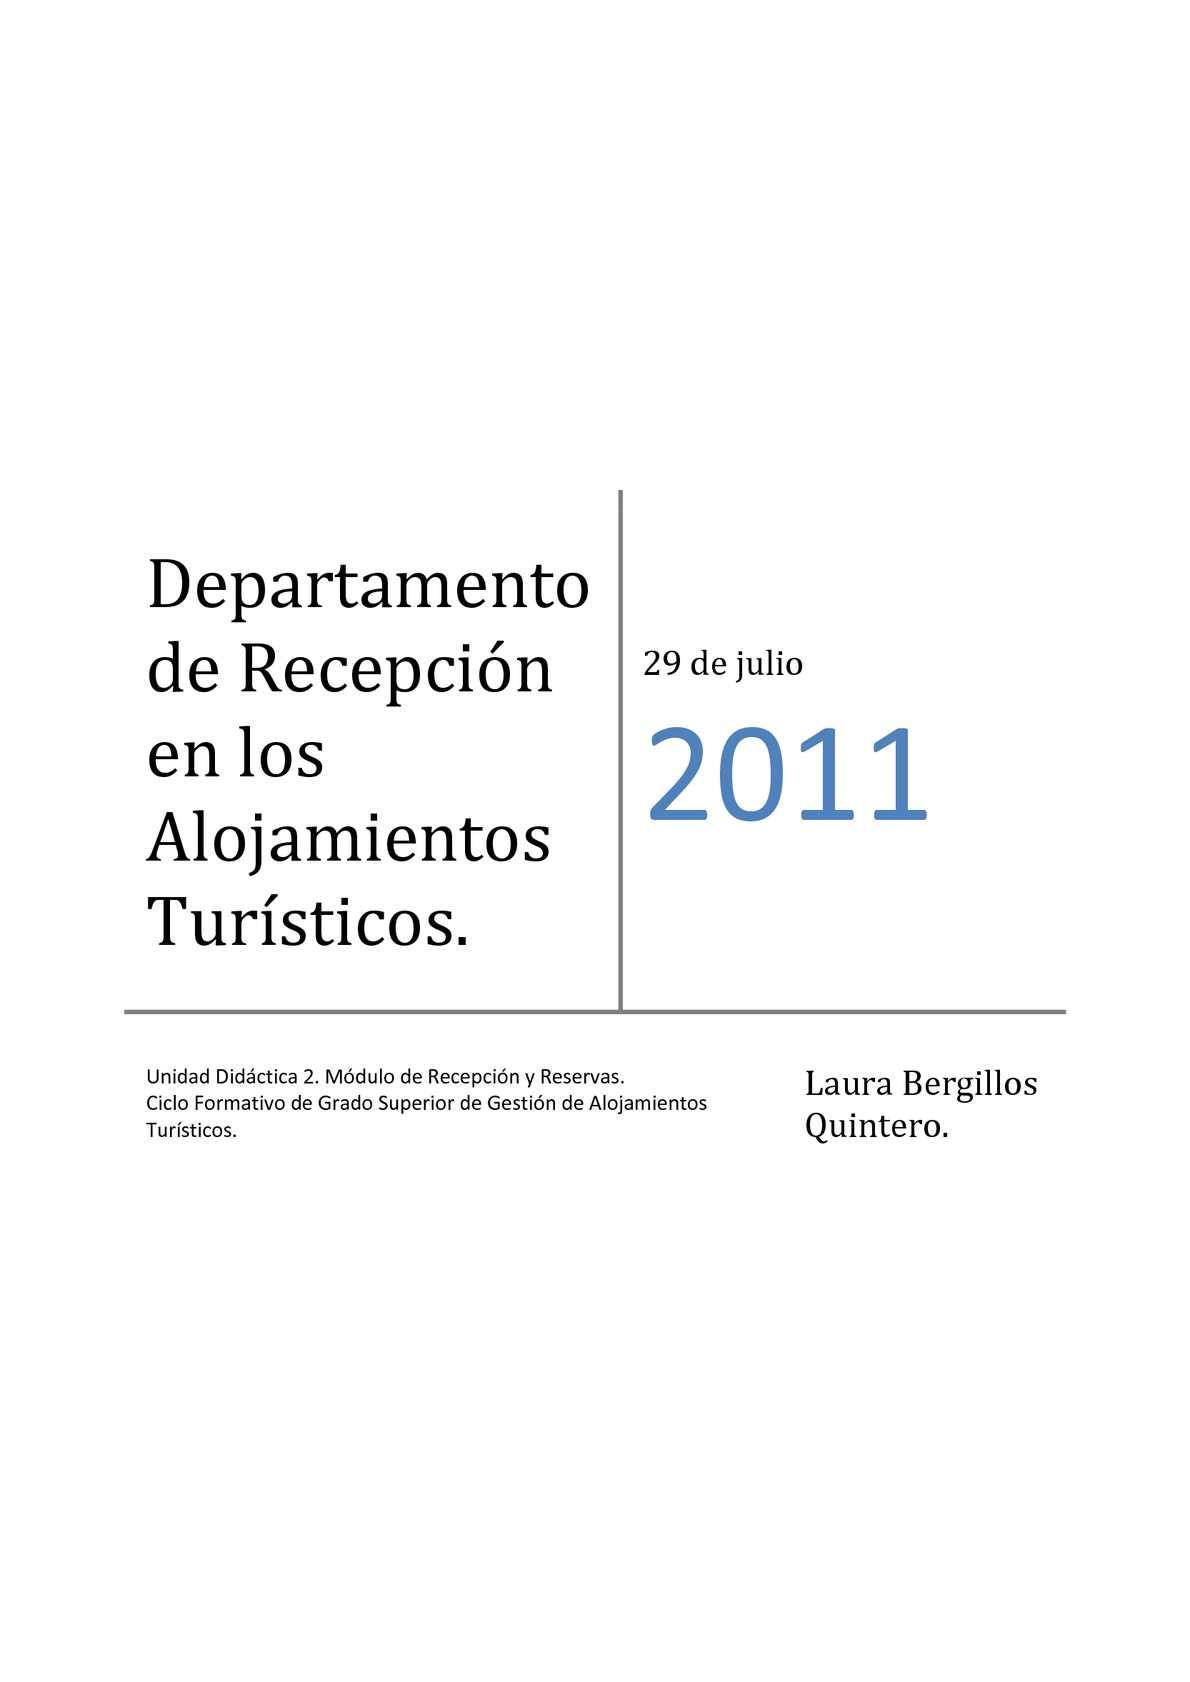 Calaméo - Unidad Didáctica del Departamento de Recepción en los ...